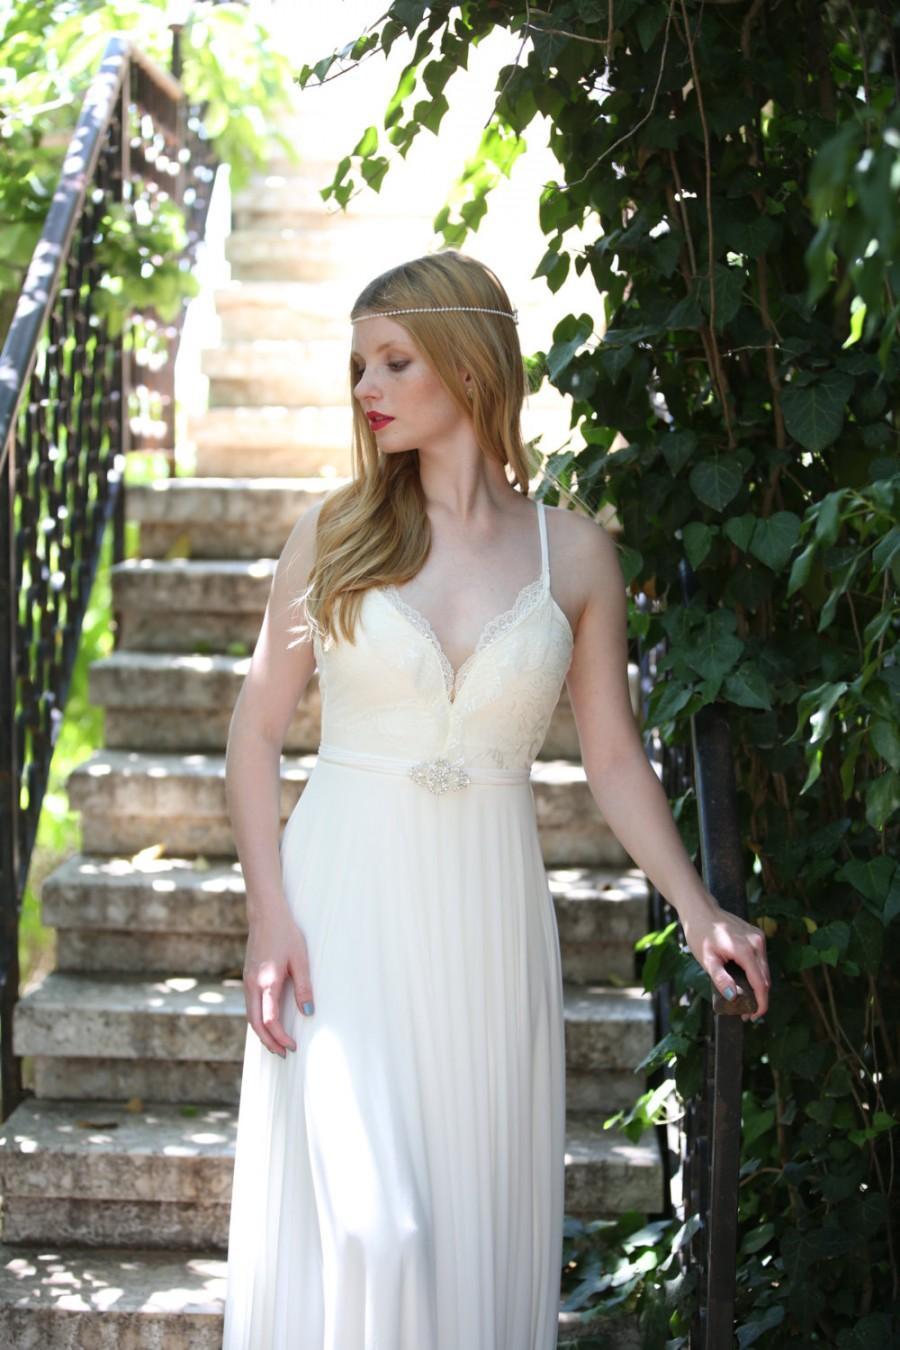 Wedding - Josephine - Boho wedding dress, lace wedding dress, beach wedding dress